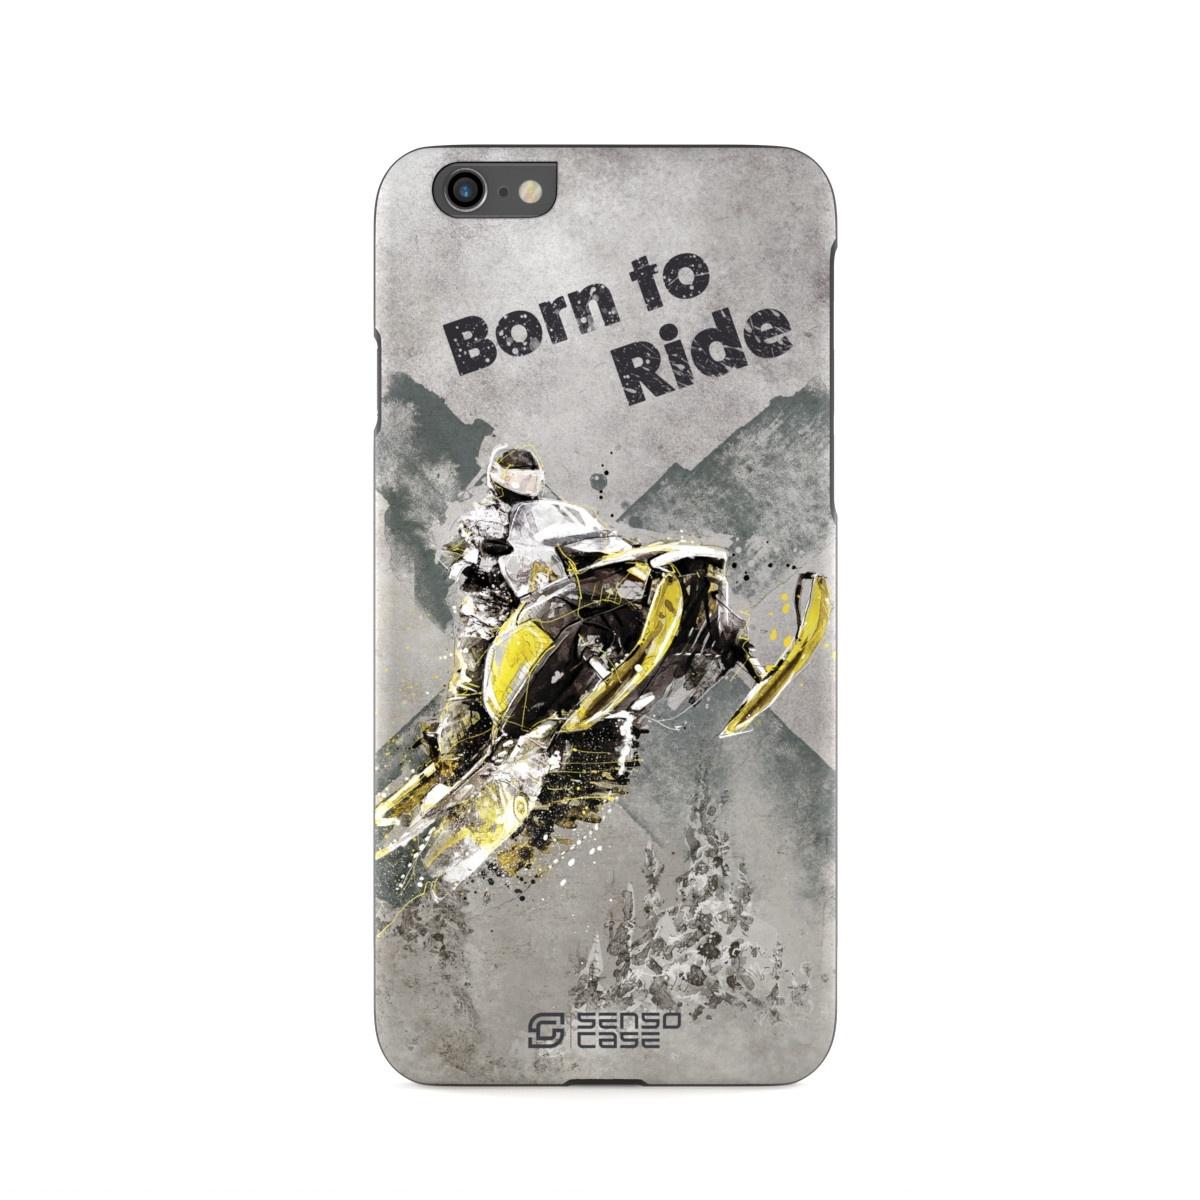 """Чехол для сотового телефона SensoCase iPhone 6/6s """"Снегоход"""", SC-IP6-snowmobile + защитное стекло в подарок, 100087"""